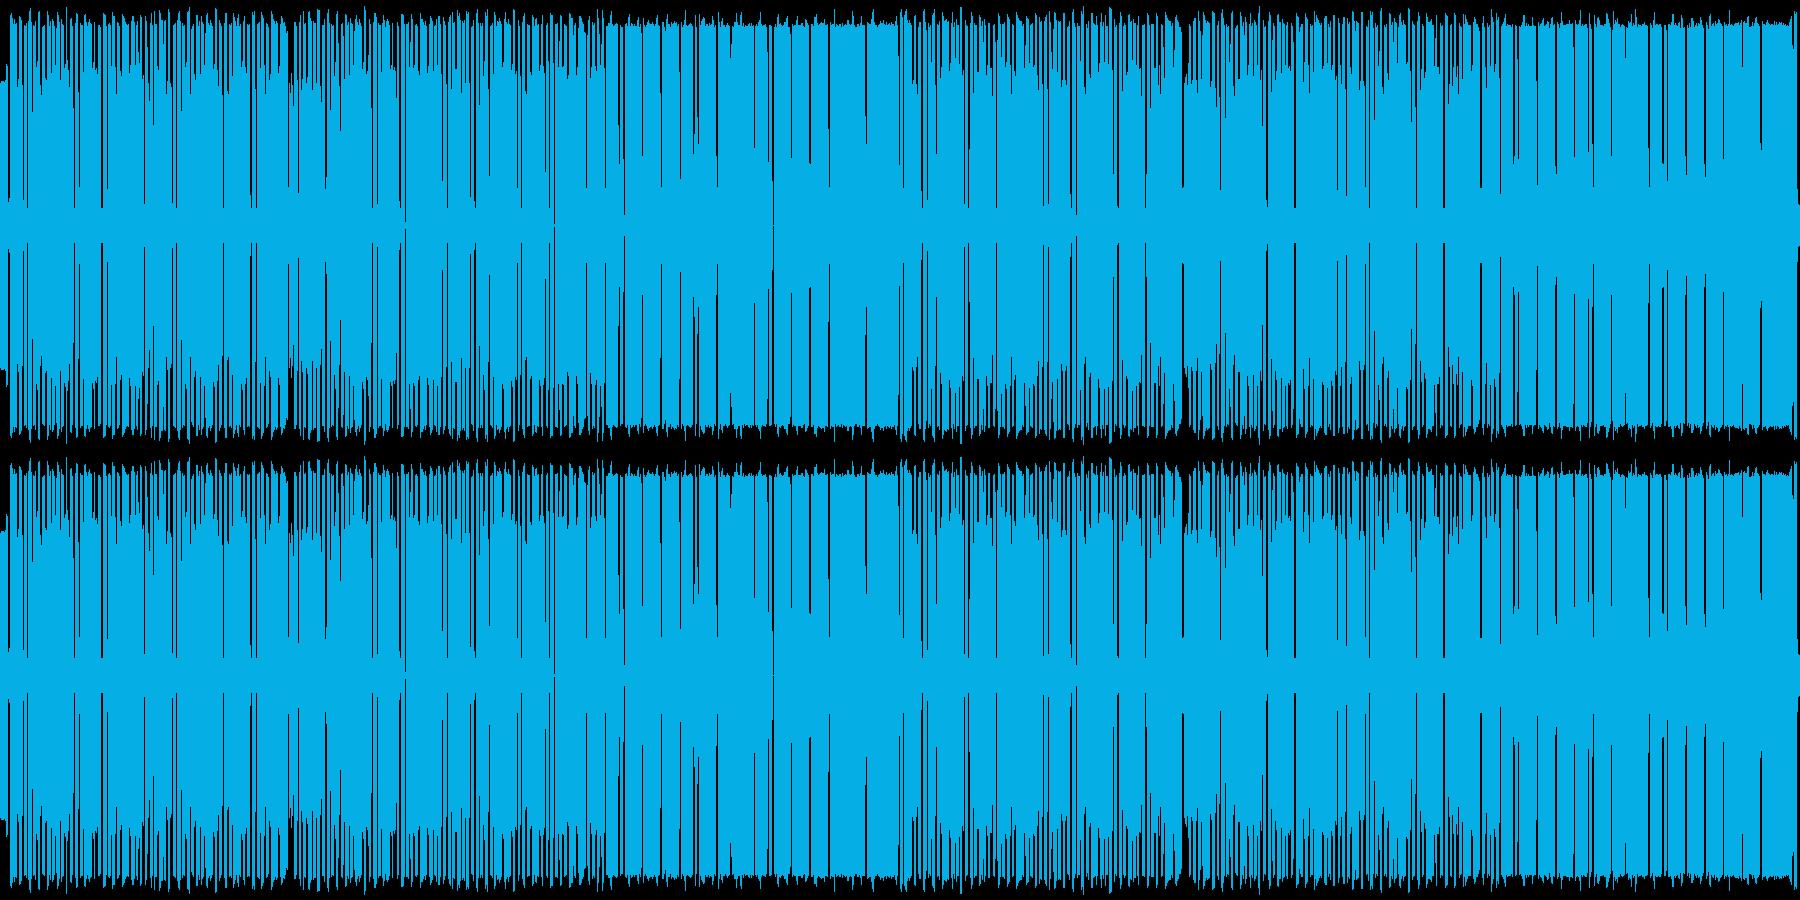 ファミコン風BGMですの再生済みの波形